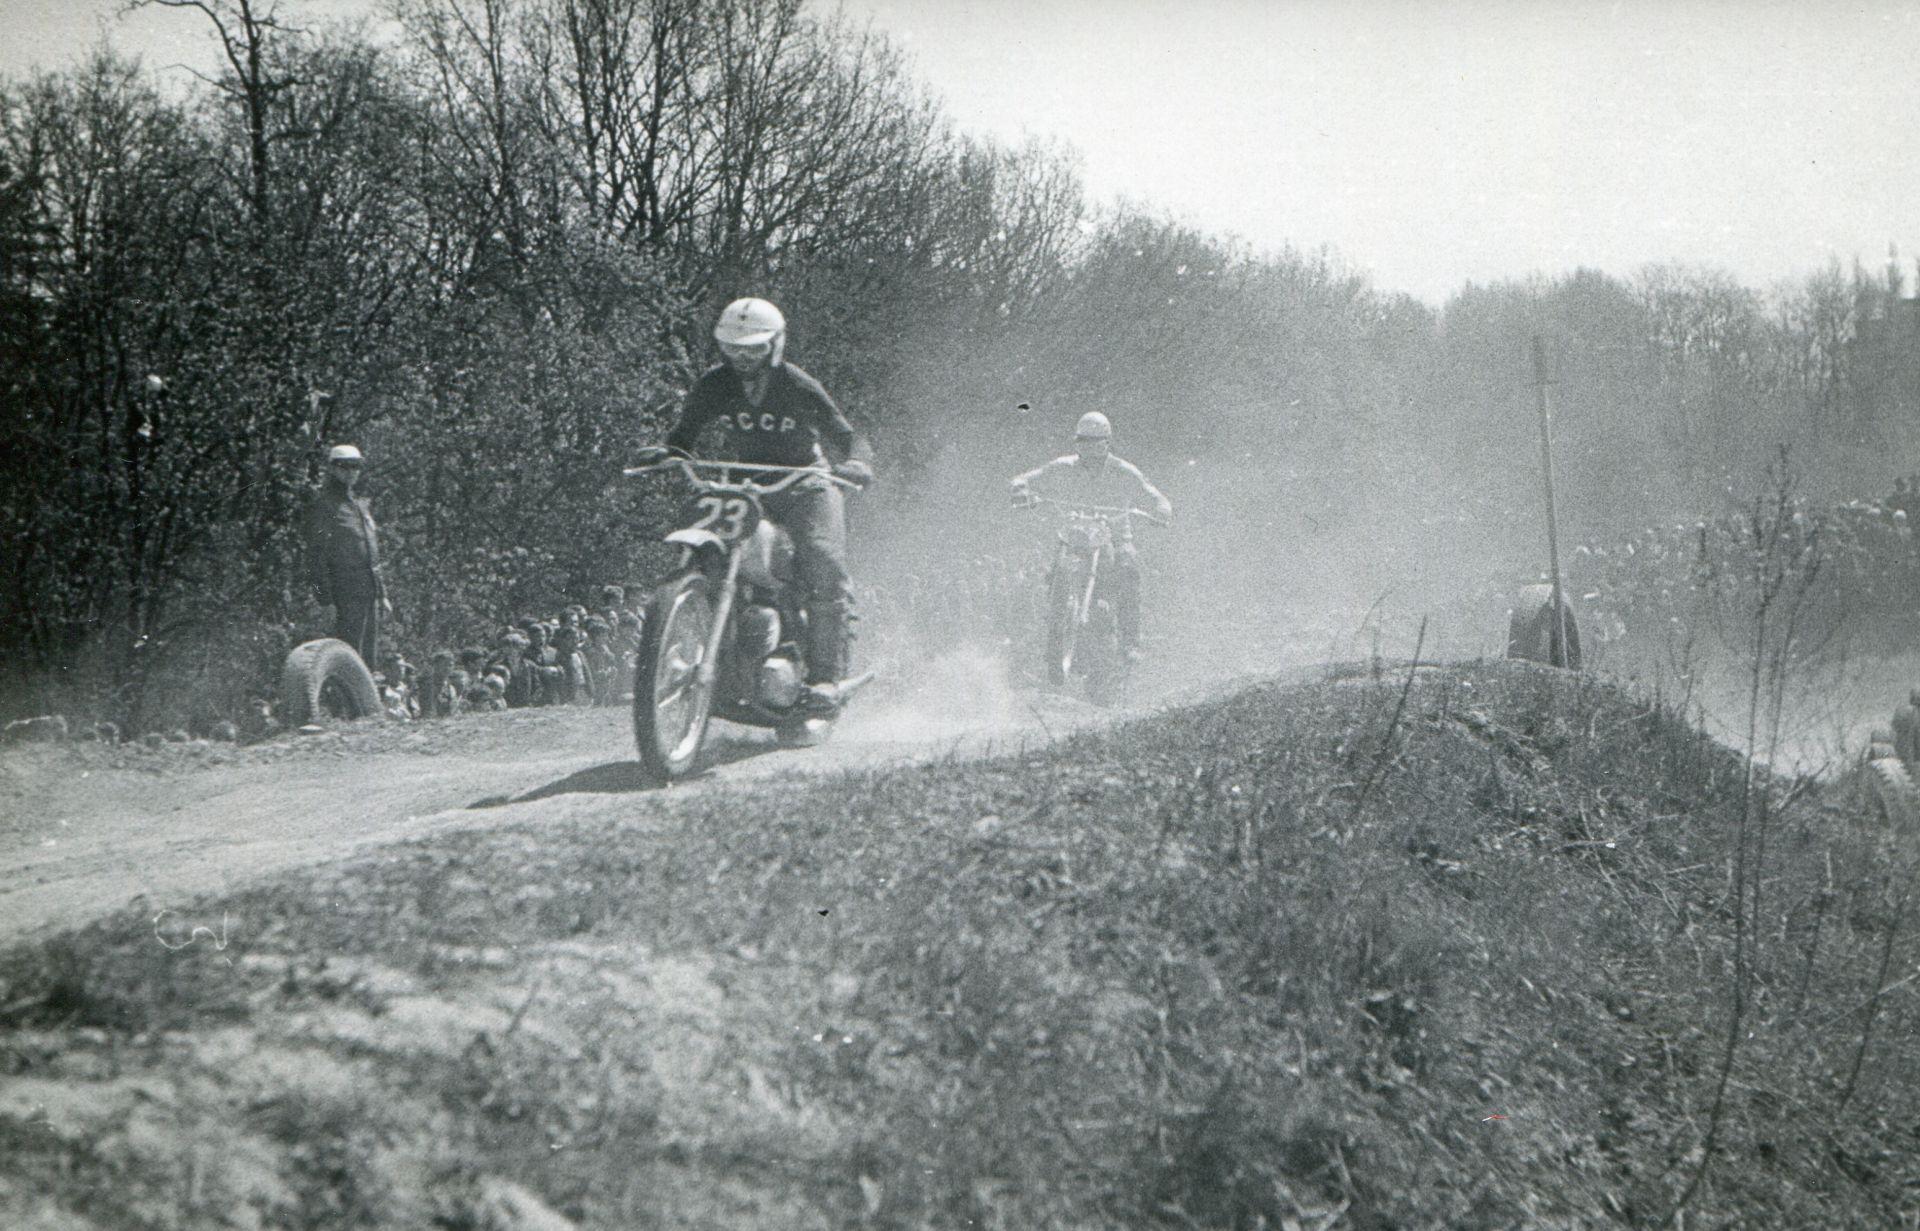 Trudny, pionierski czas dla szczecińskich zawodników zakończył się w drugiej połowie lat 50. wraz z rozpoczęciem produkcji w tym mieście motocykli Junak. To był przełom w wielu motocyklowych dziedzinach, złote lata (1958 – 1965) szczecińskiego motocyklizmu.